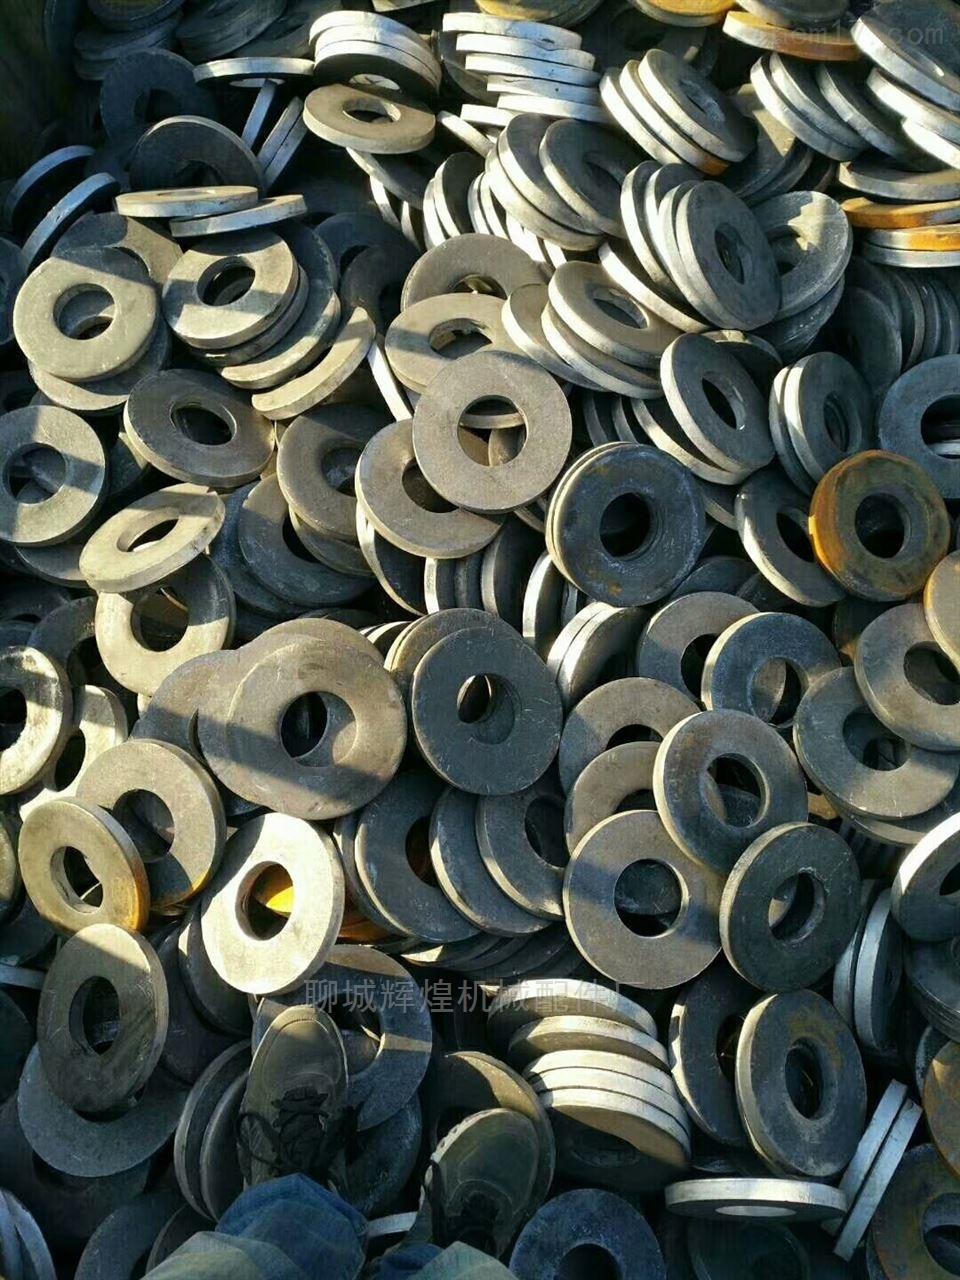 平焊法兰毛坯-加工法兰盘法兰毛坯每吨需要多少钱